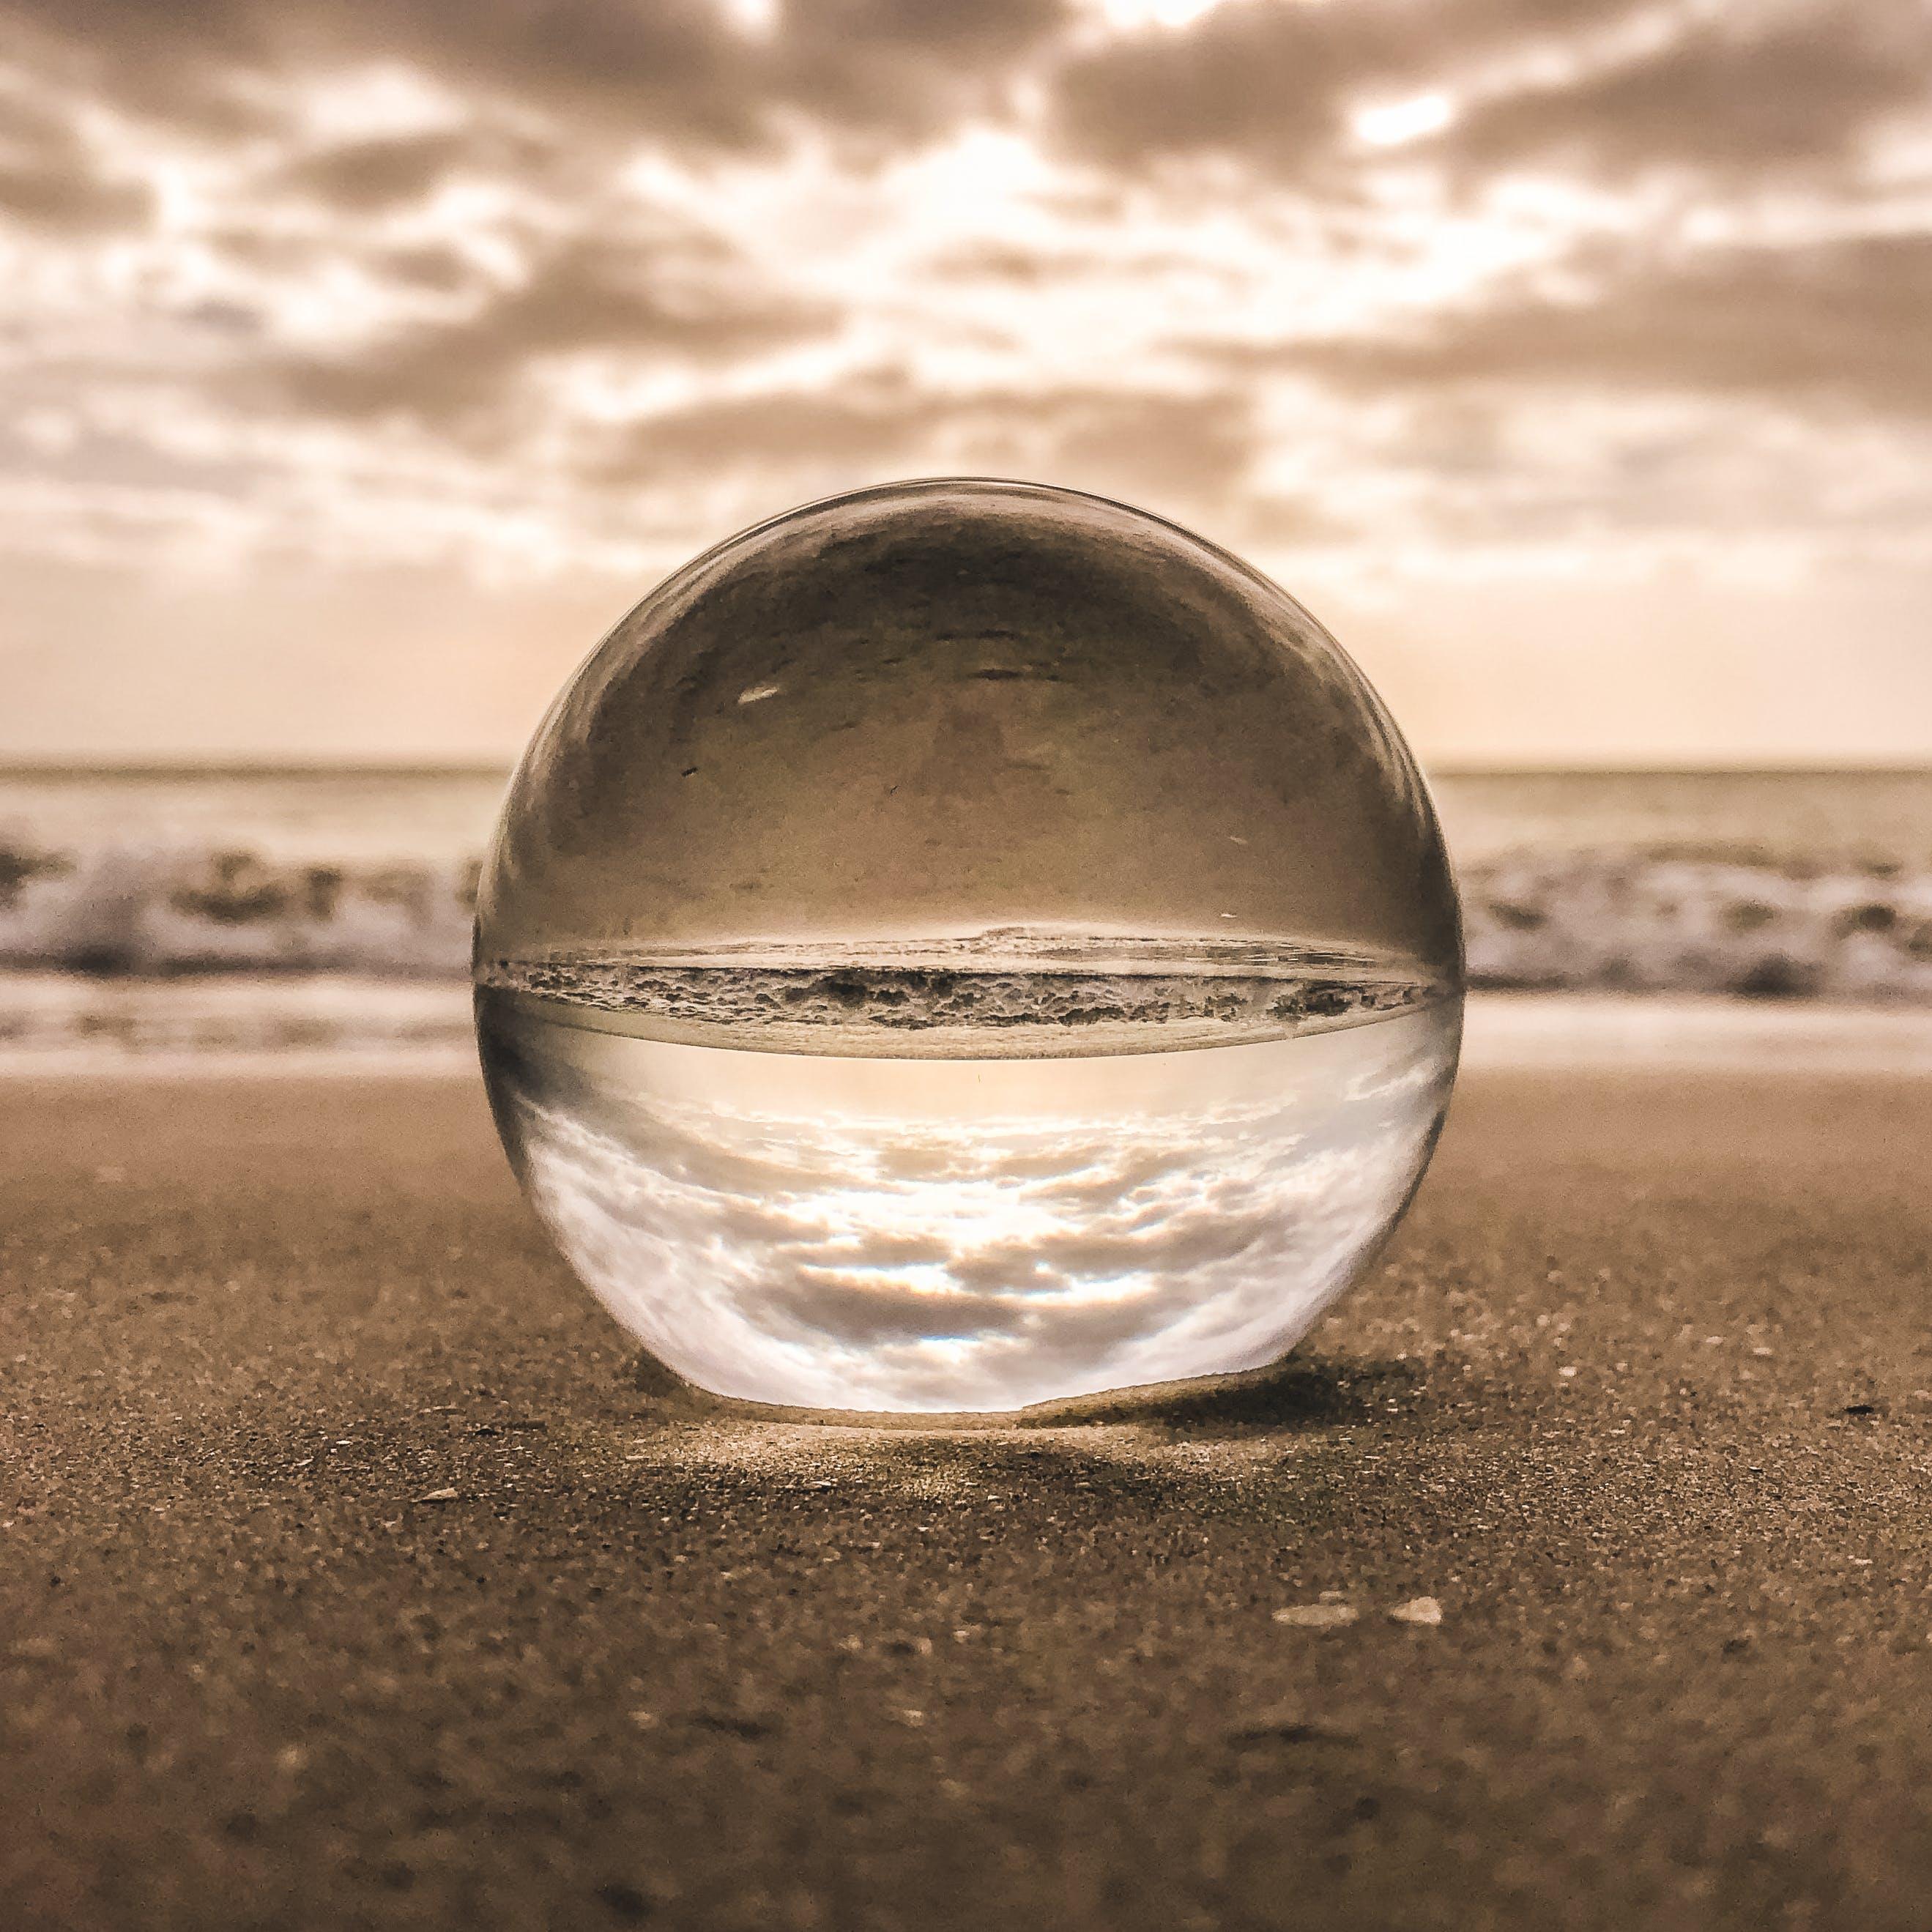 Kostenloses Stock Foto zu glas, himmel, kugel, makro